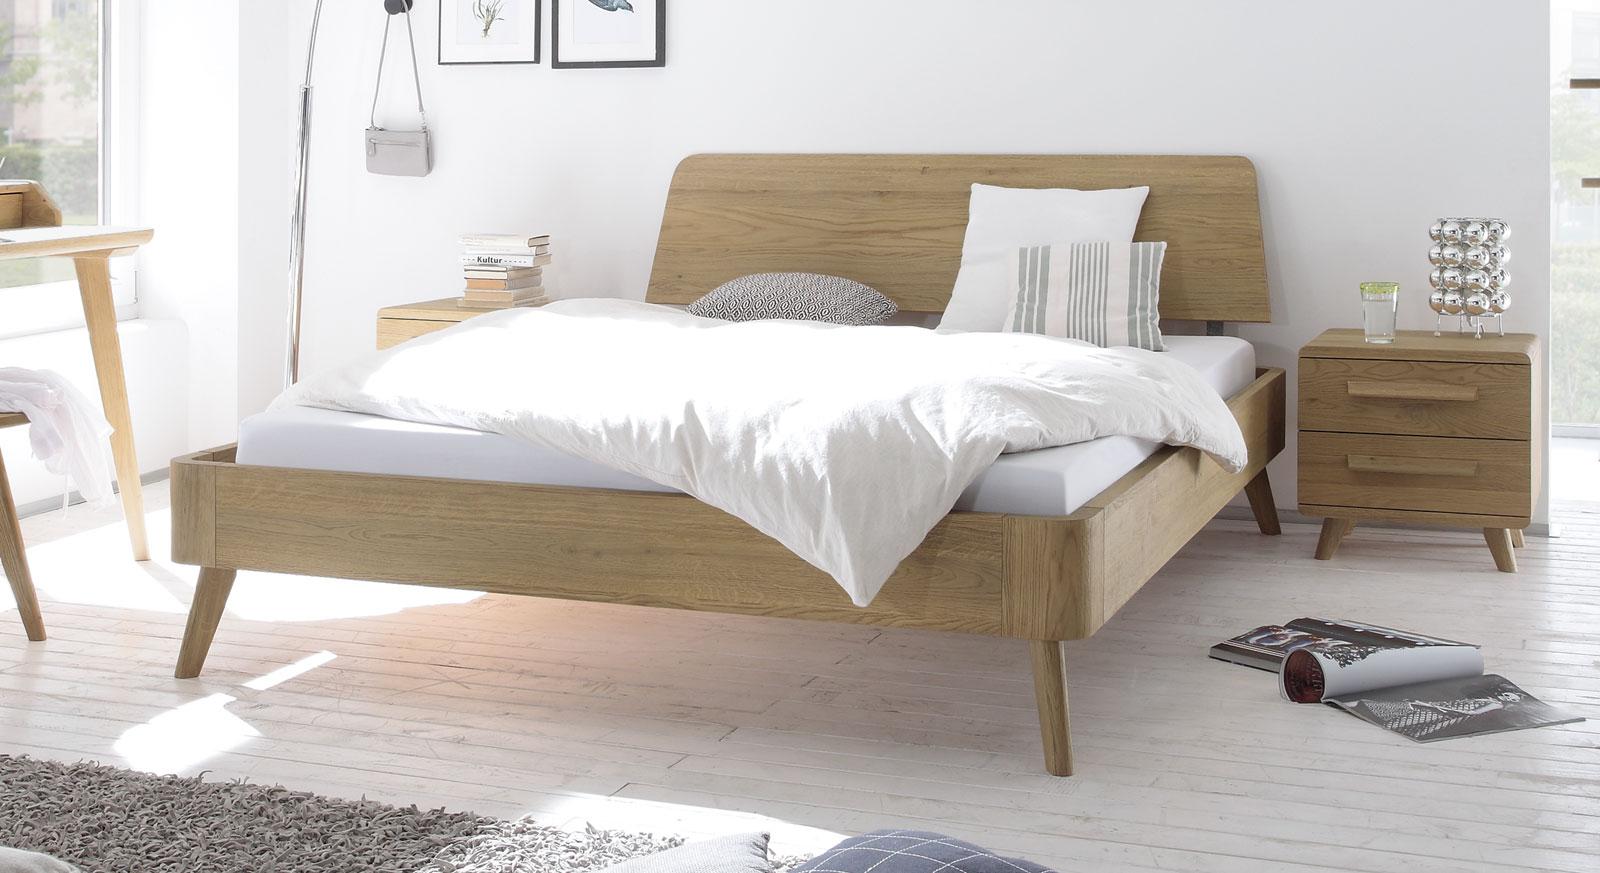 Eichenbett massiv geölt mit Vintage-Kopfteil und -Füßen - Teko